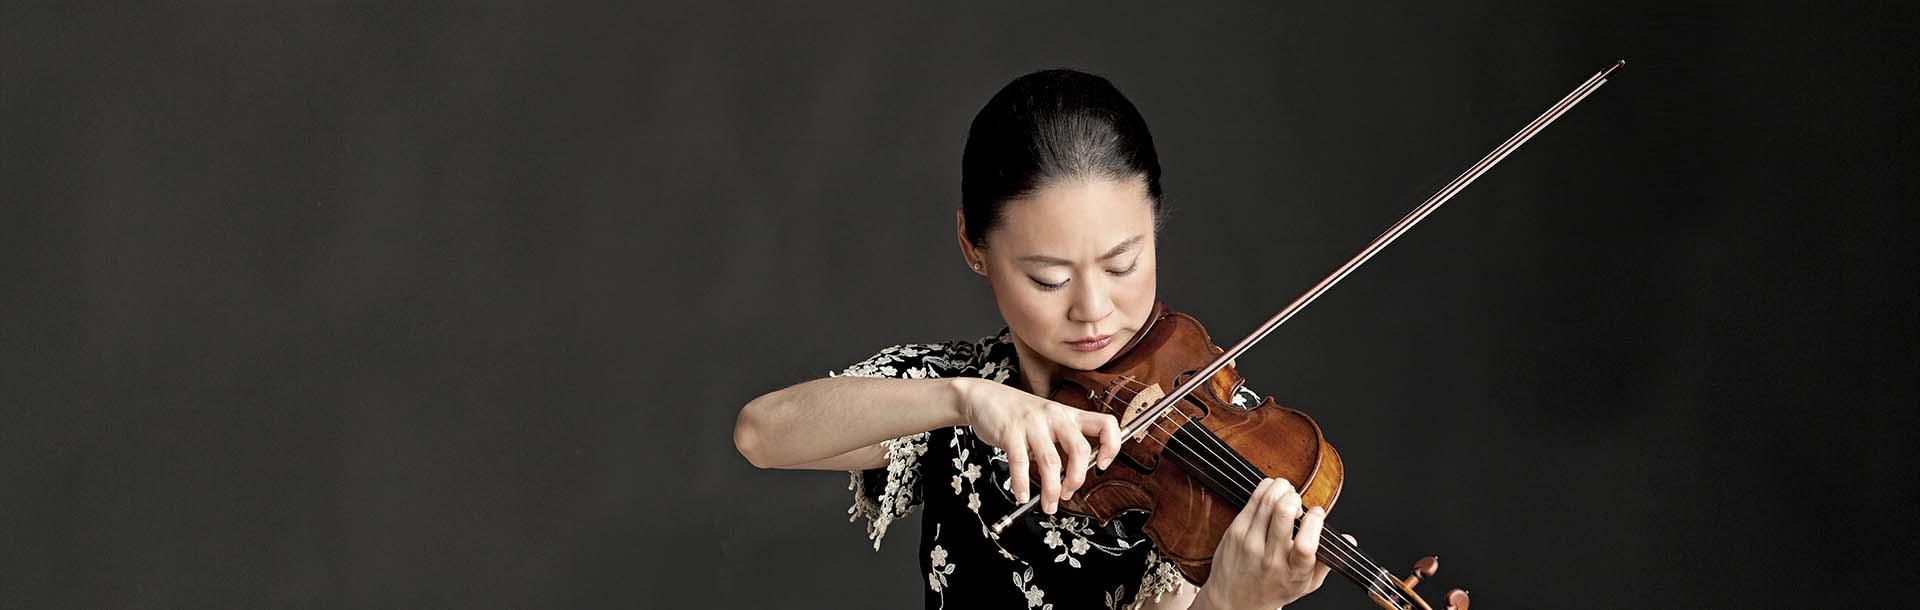 midori_concerto_violon_britten_orchestre_symphonique_de_montreal_1920_610